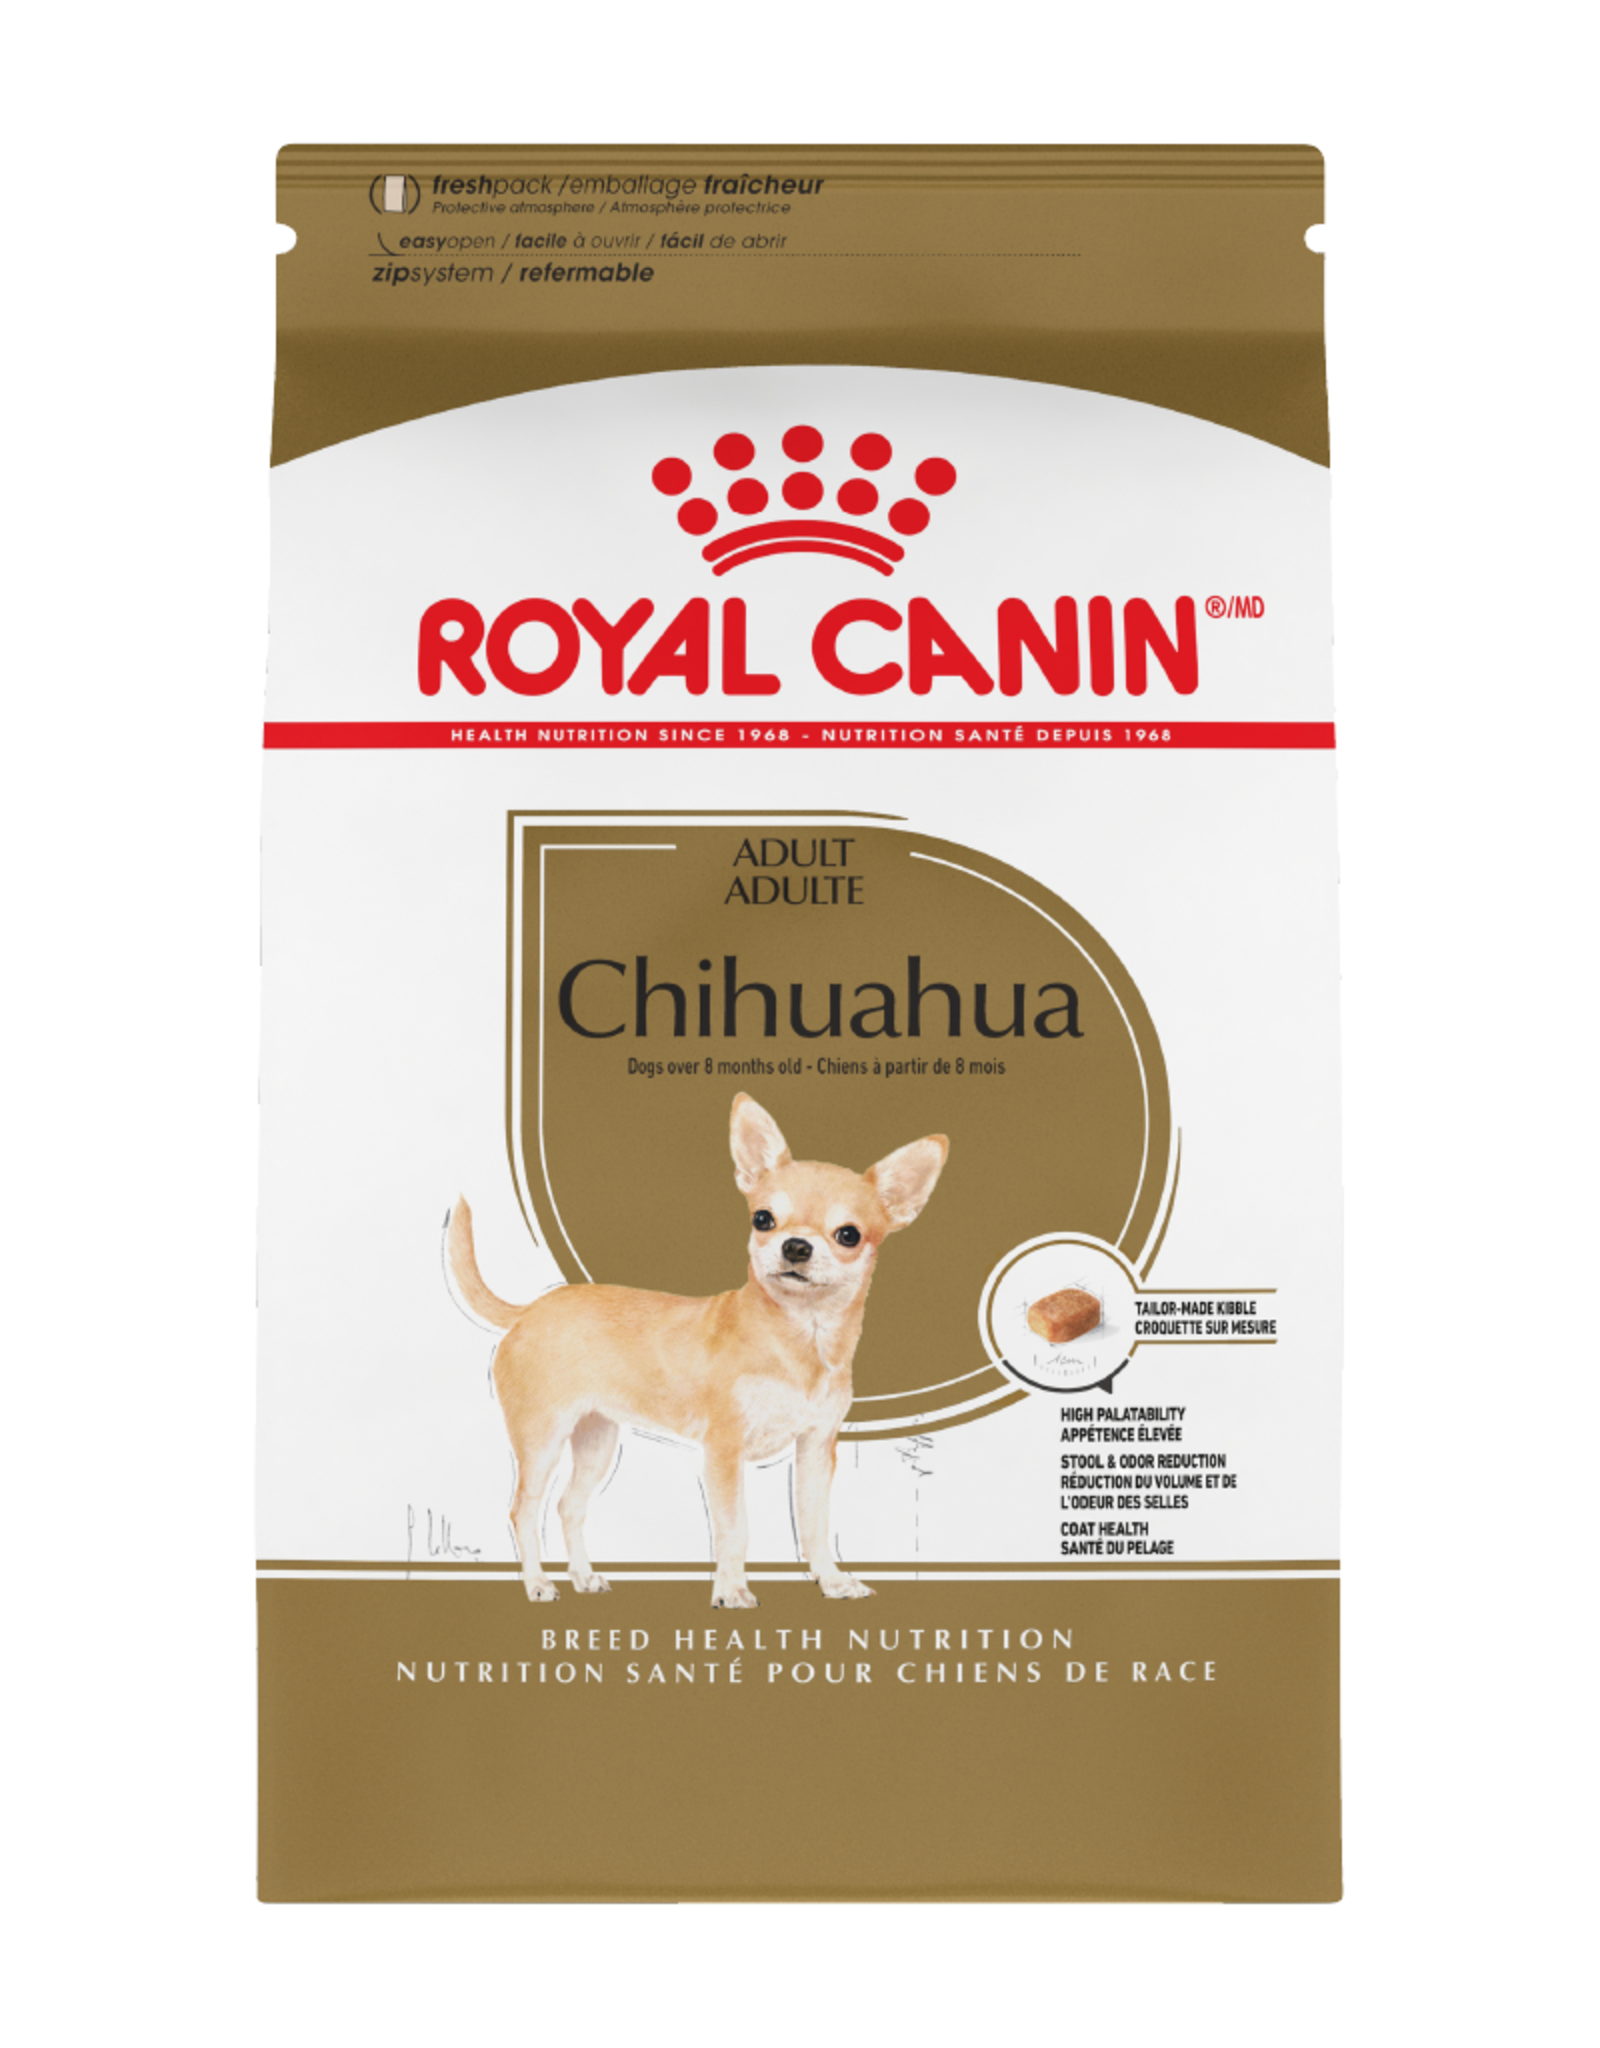 ROYAL CANIN Royal Canin | Chihuahua Adult